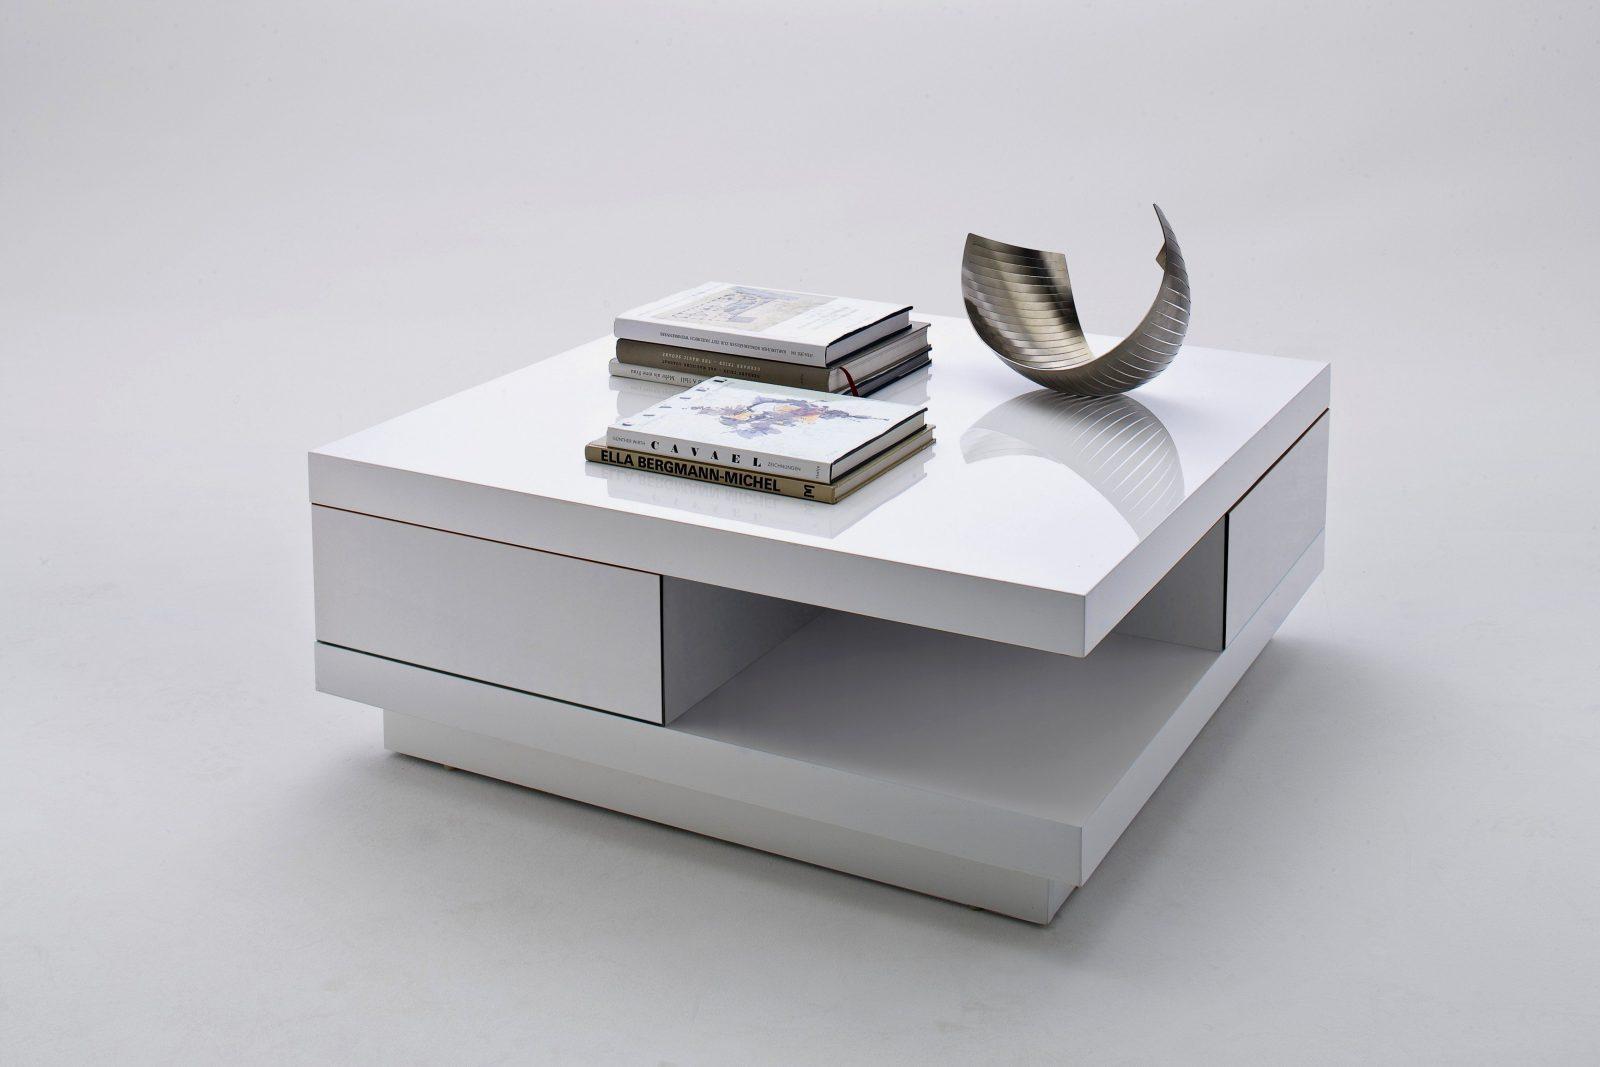 Beliebt Couchtisch 60X60 Weiß 1705 Wallpaper Zum Couchtisch 60X60 von Couchtisch 60X60 Weiß Bild